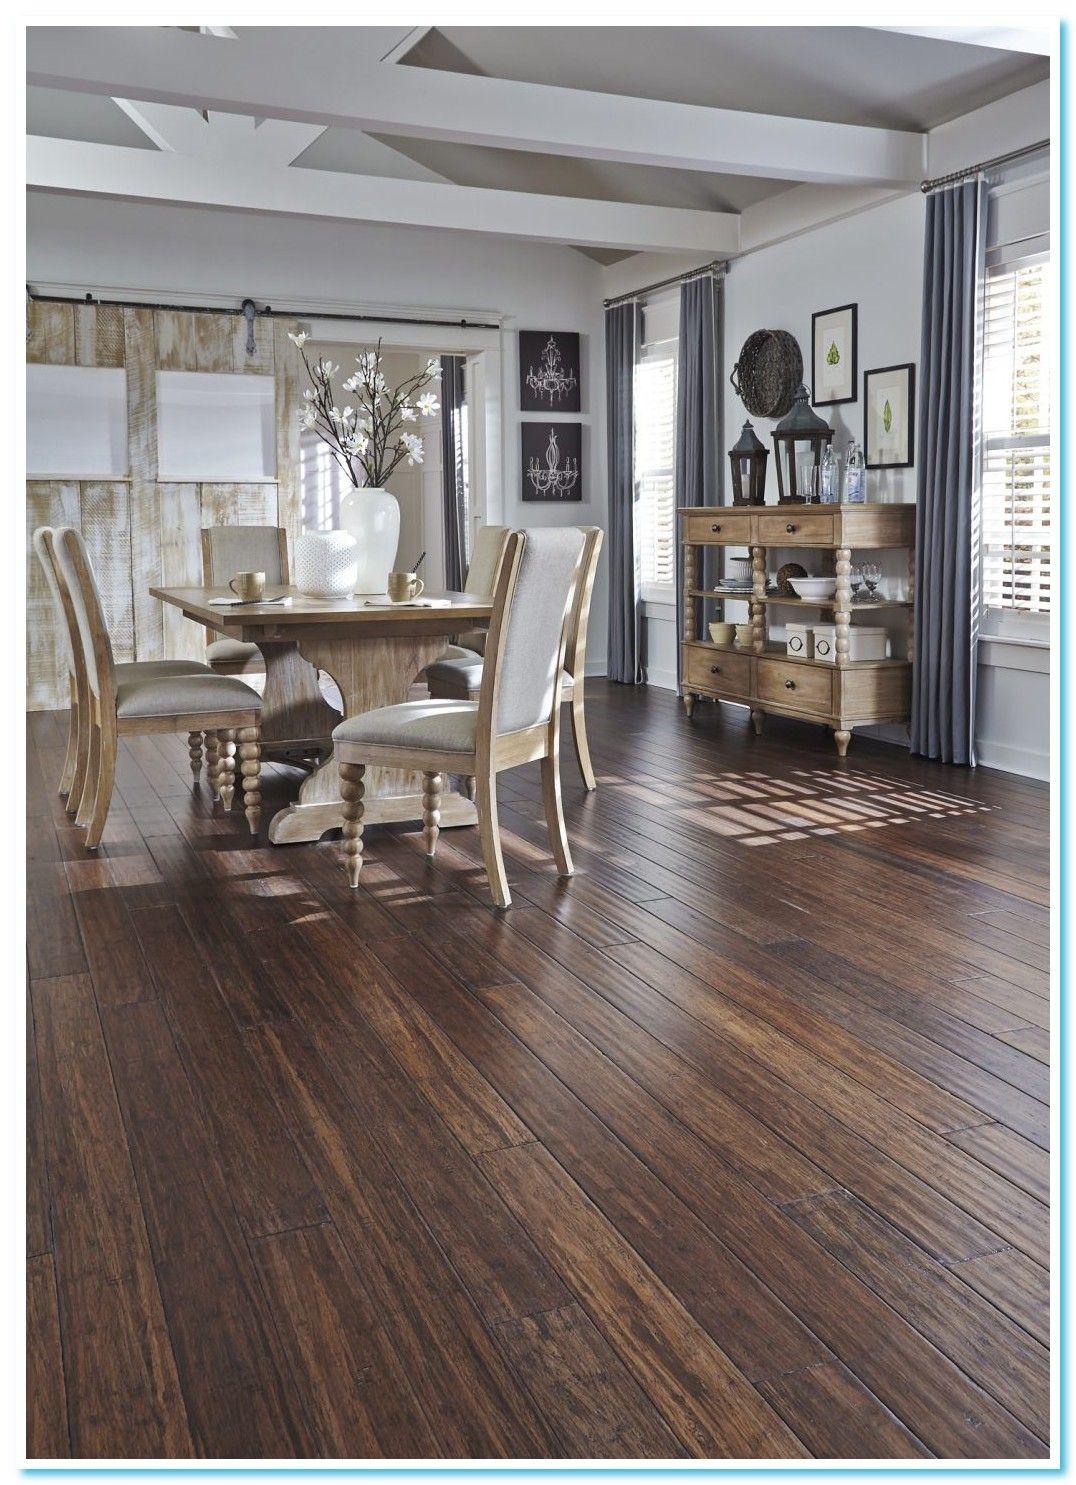 53 Reference Of Bamboo Floor Flooring Bedrooms Bedroom Wooden Floor Wood Floors Wide Plank Choosing Wood Floors